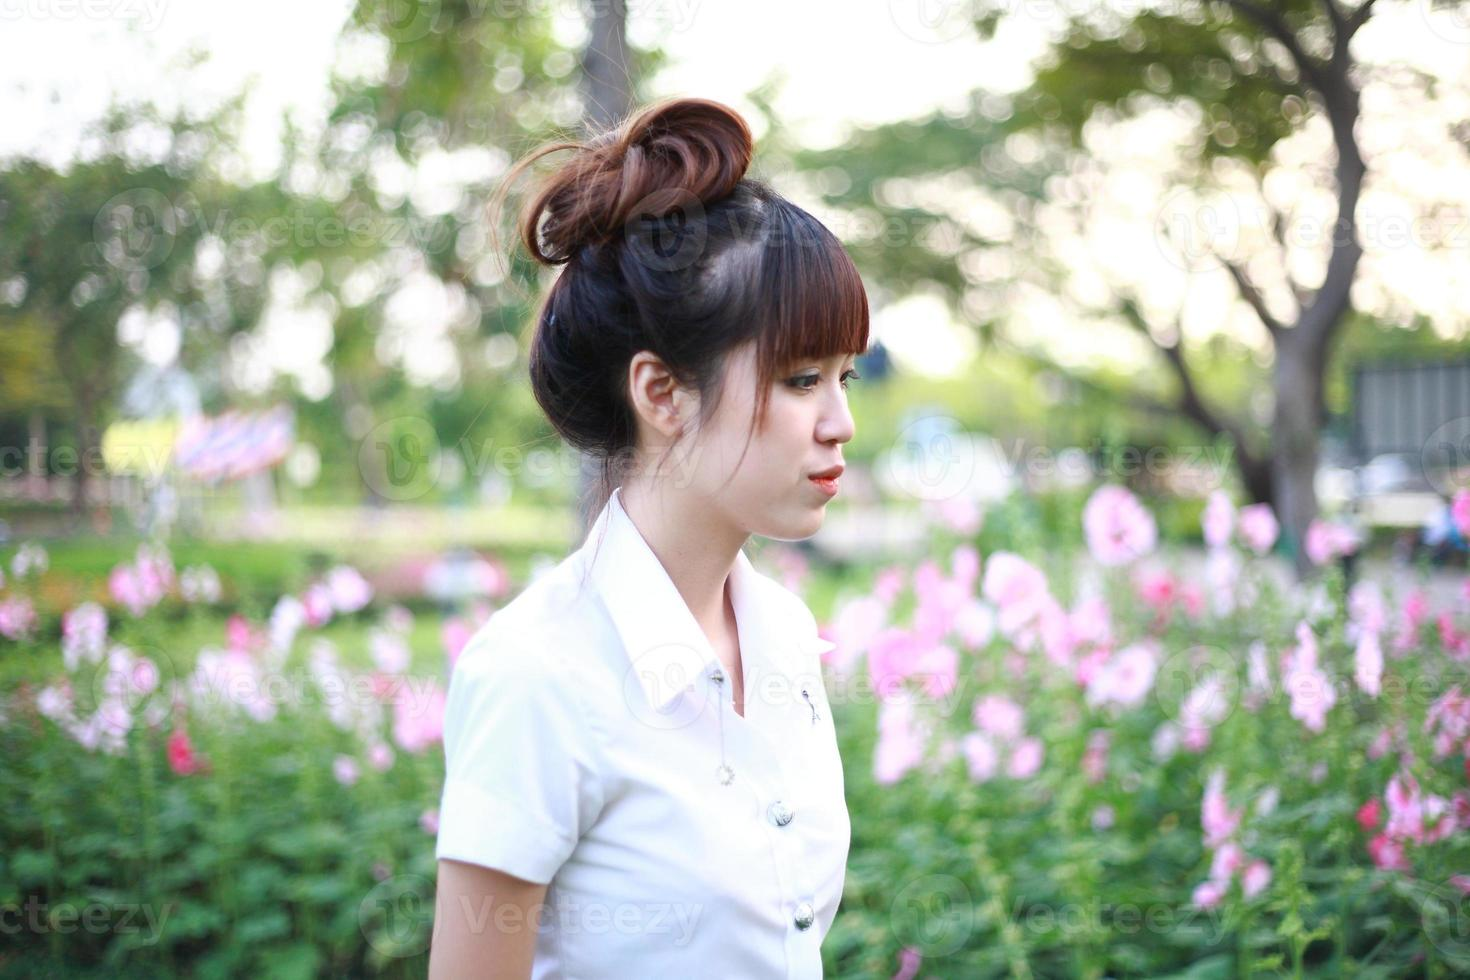 schönes asiatisches Mädchen foto